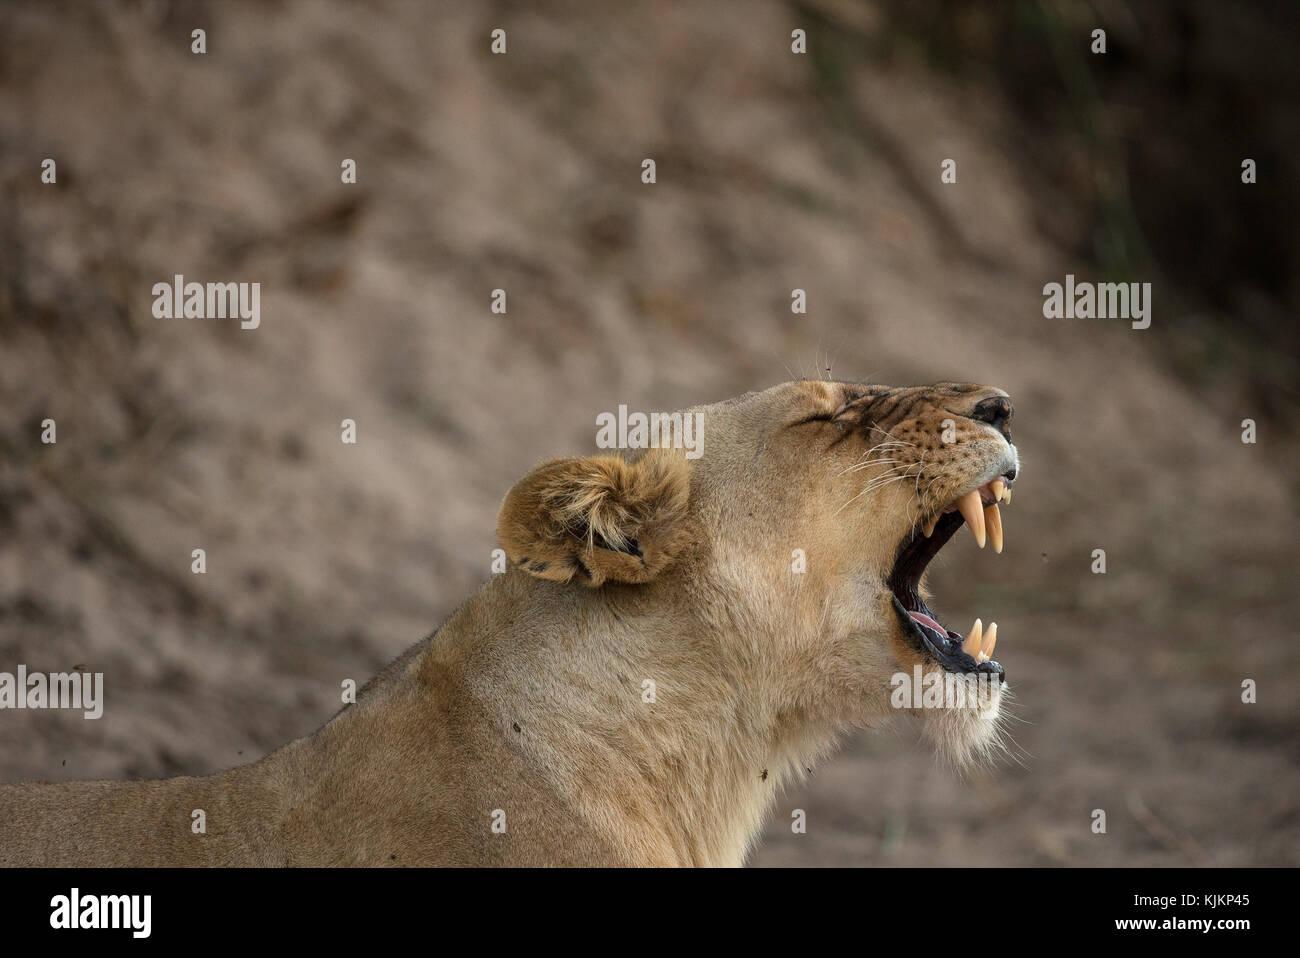 Serengeti National Park. Lioness yawning (Panthera leo).  Tanzania. - Stock Image